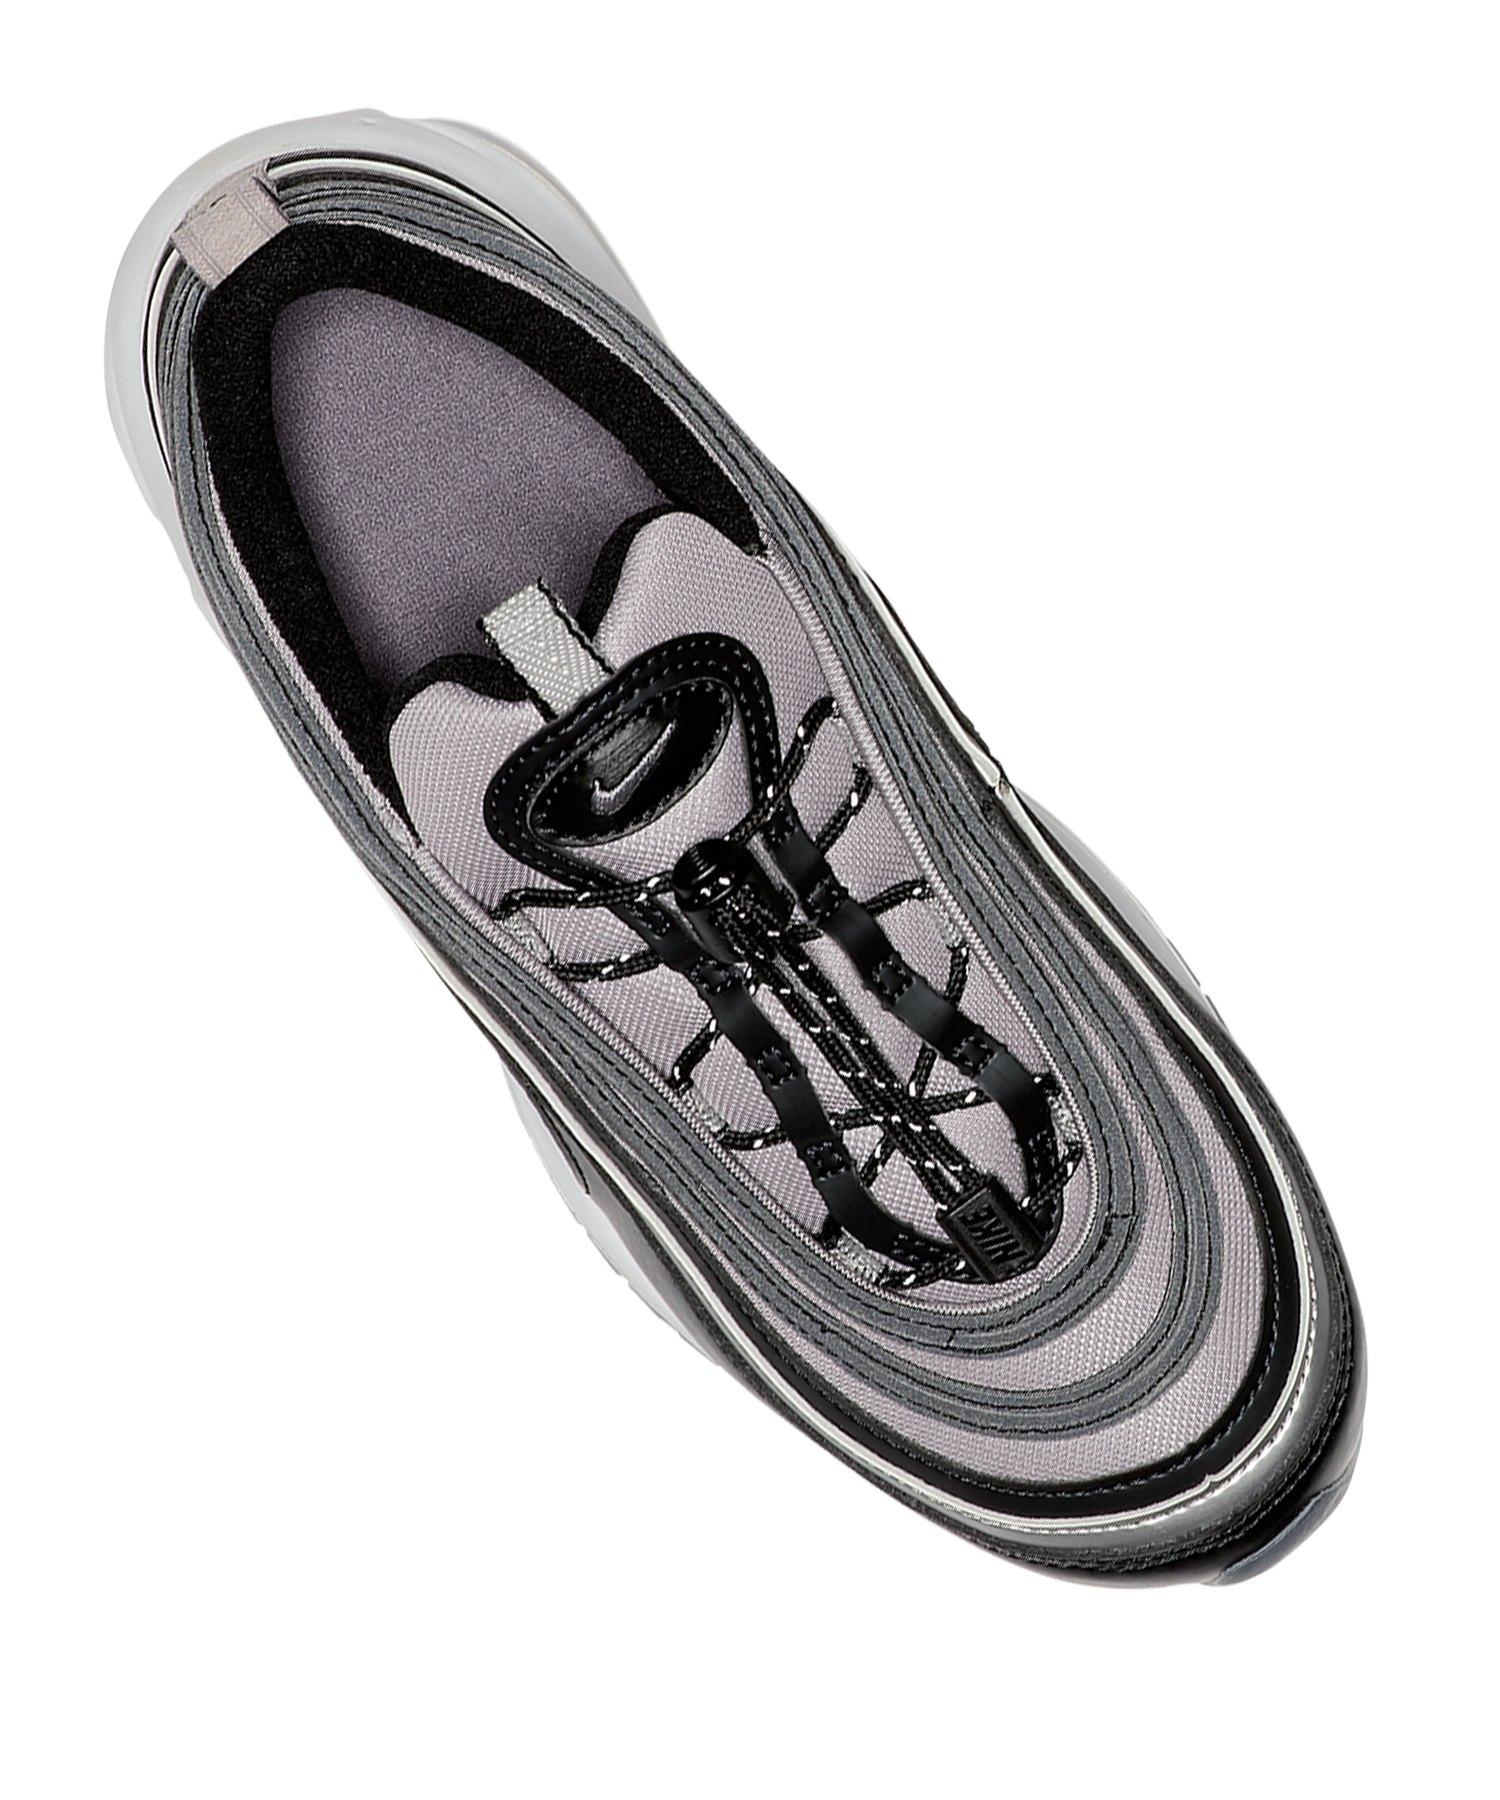 Air Max 97 RFT sneakers